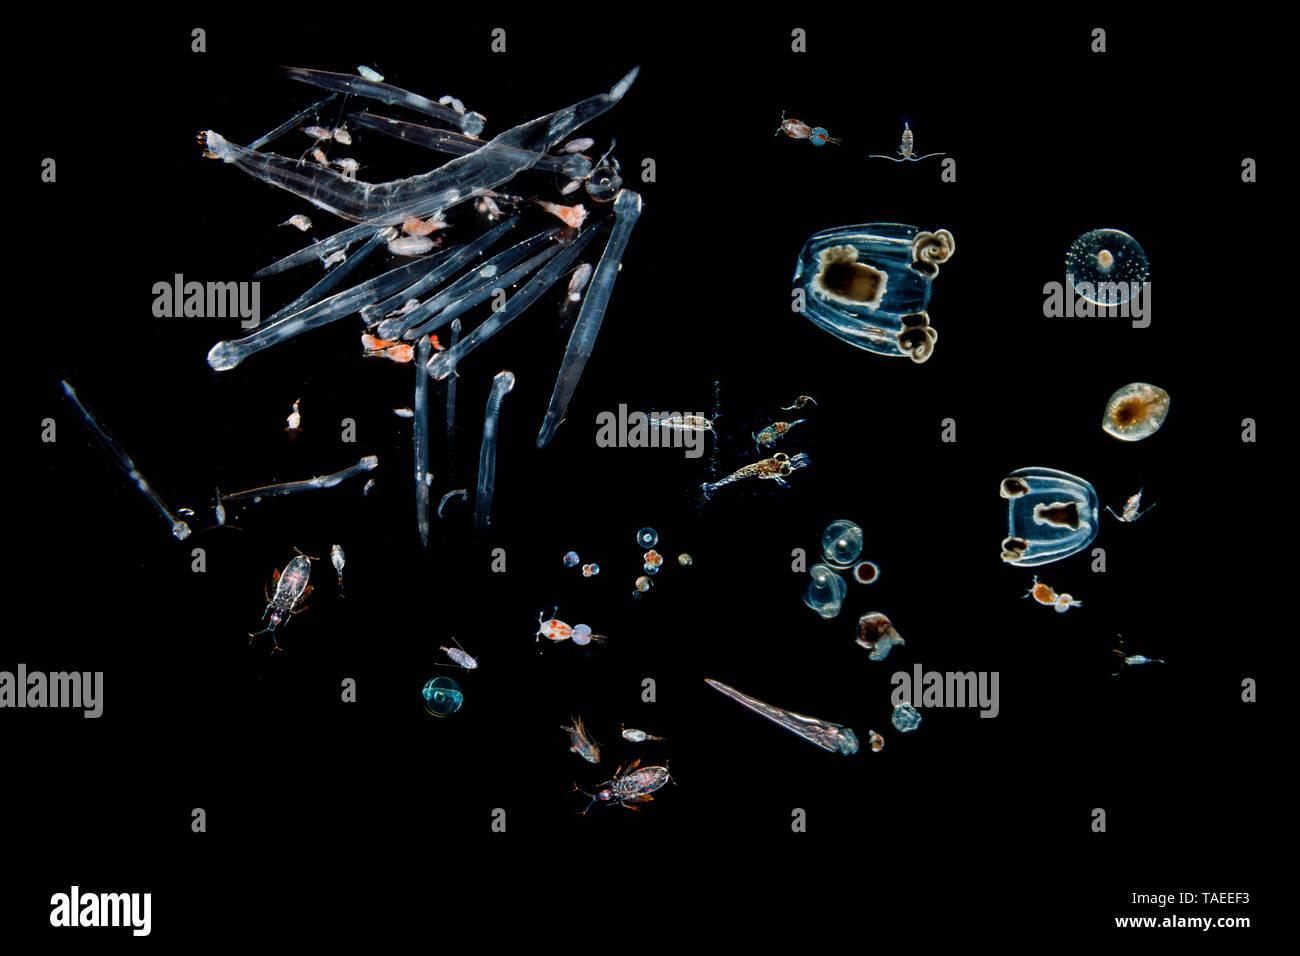 Tara Oceans Expeditions - mai 2011. Les chétognathes et les copépodes. La vie de plancton, photographié à bord de Tara; Photo (M): Christoph Gerigk/CNRS/Taraexpeditions Banque D'Images